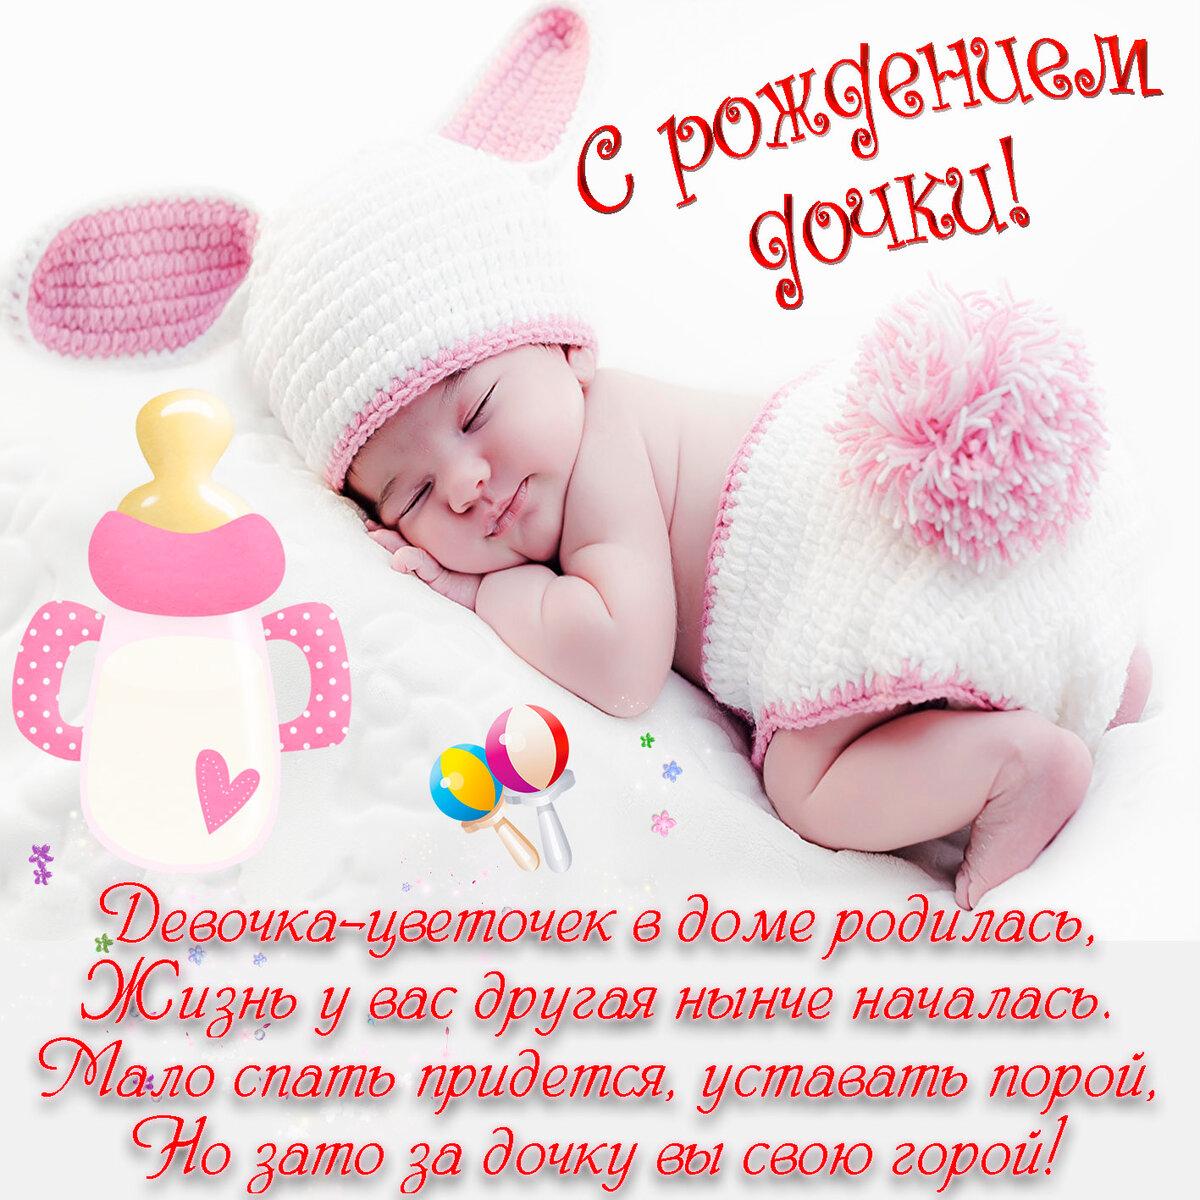 Открытка с рождением дочки в хорошем качестве